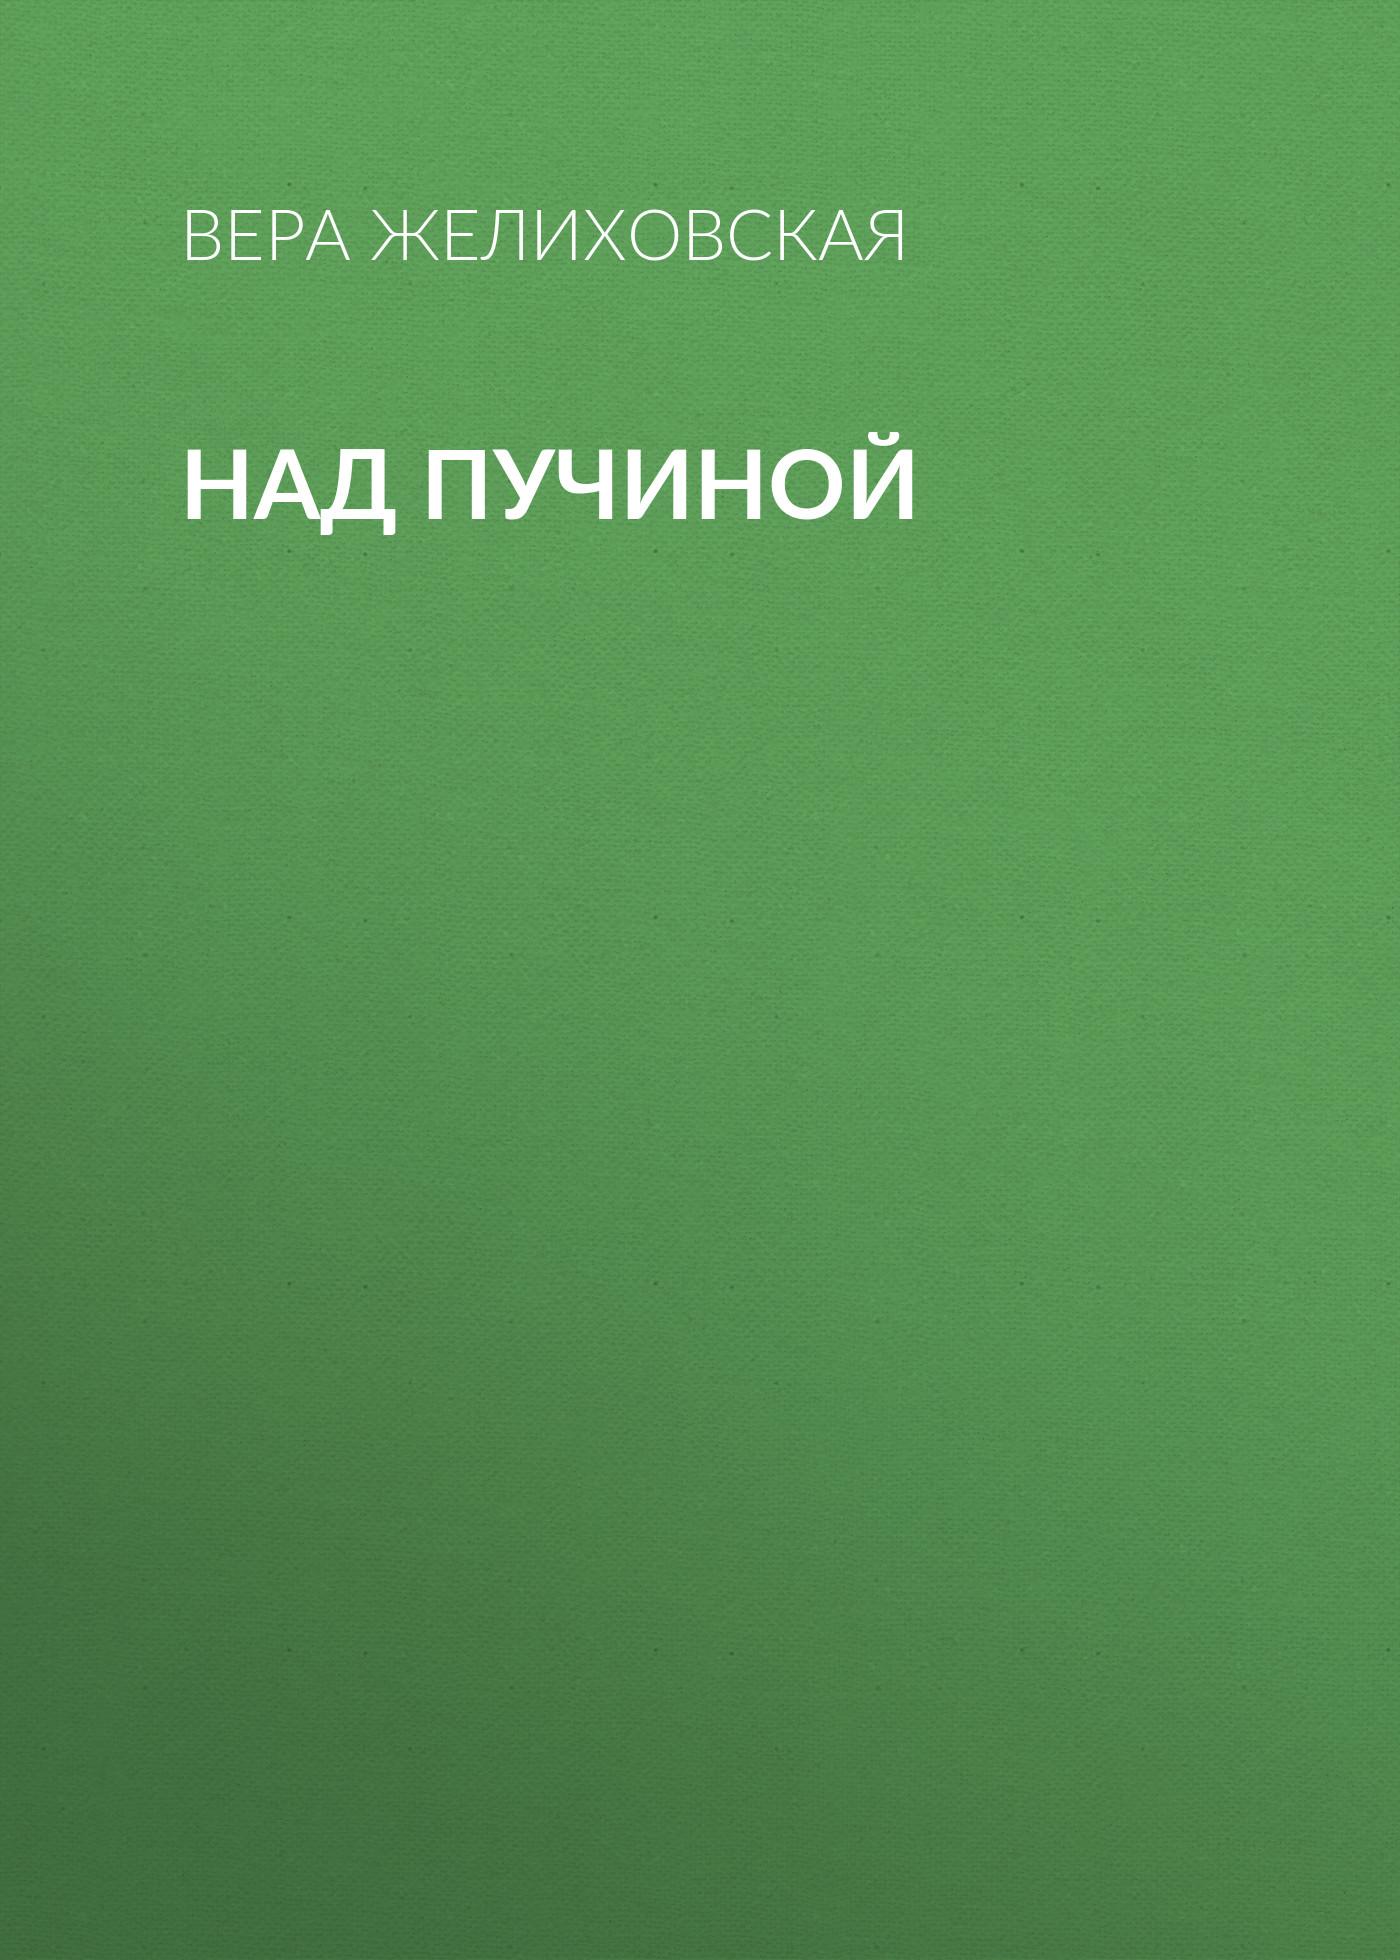 Купить книгу Над пучиной, автора Веры Желиховской